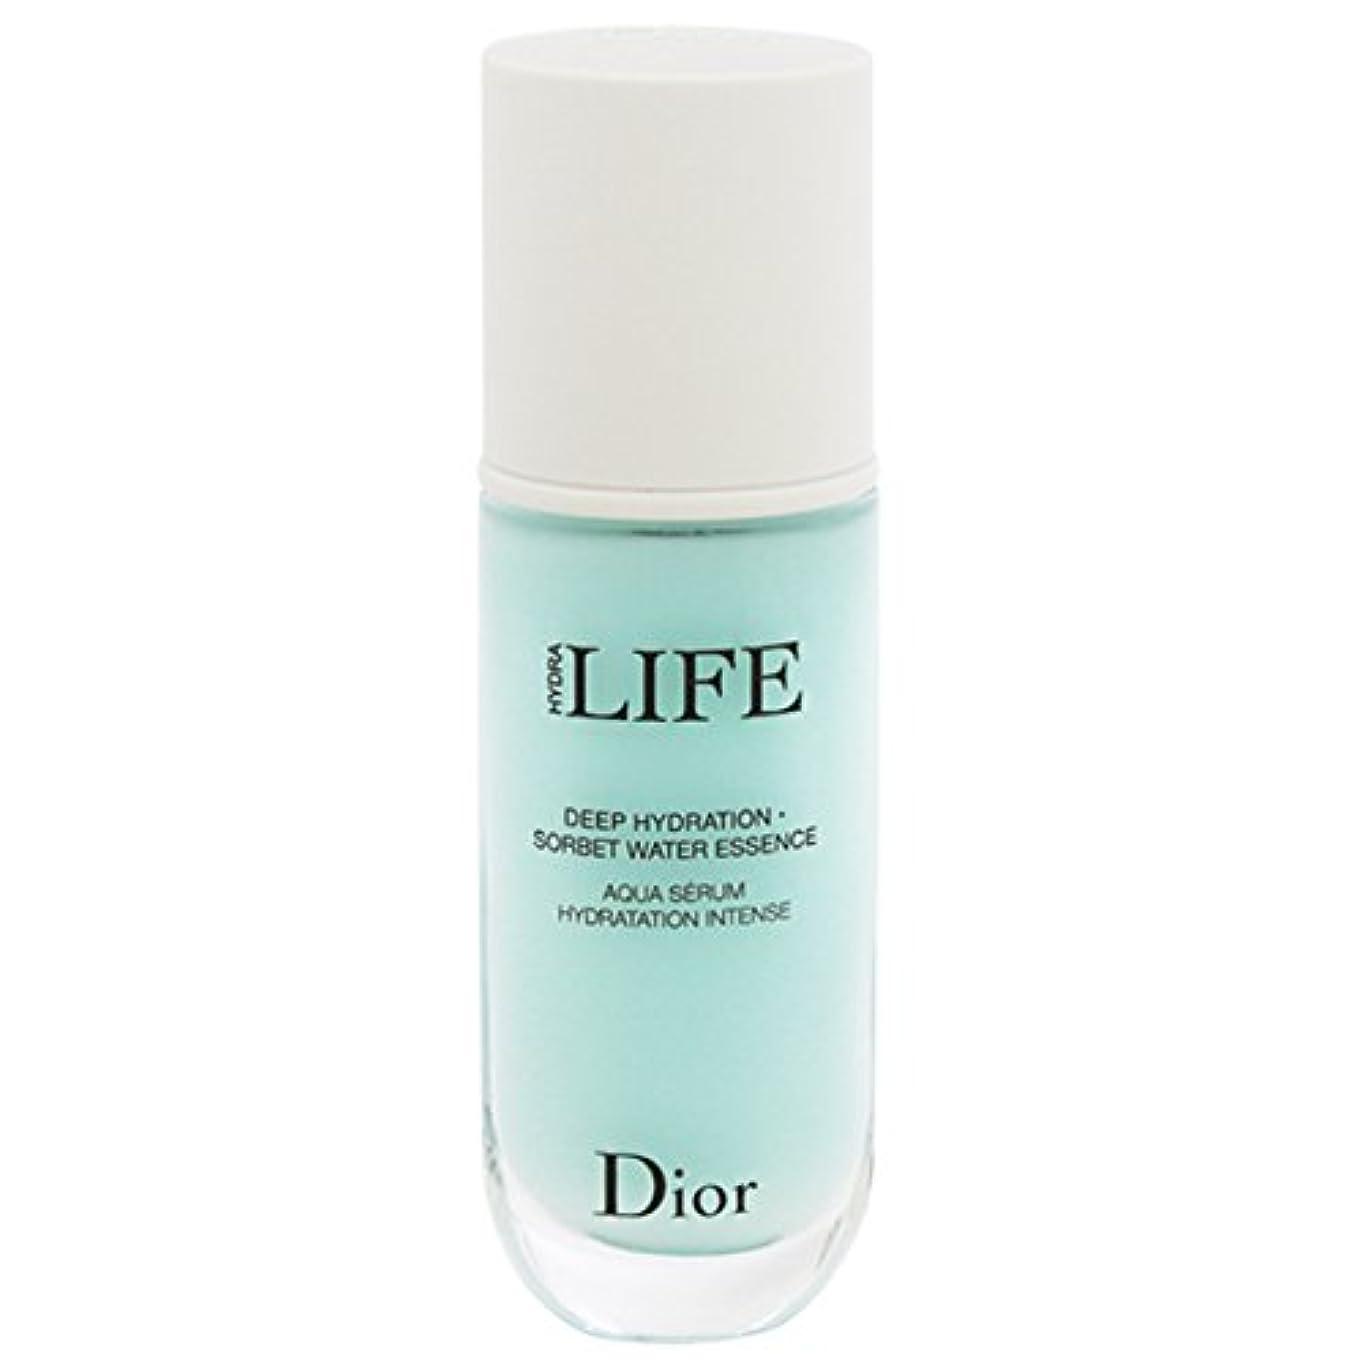 情報文化風変わりなクリスチャンディオール Christian Dior ライフ ソルベ エッセンス 40mL 【並行輸入品】